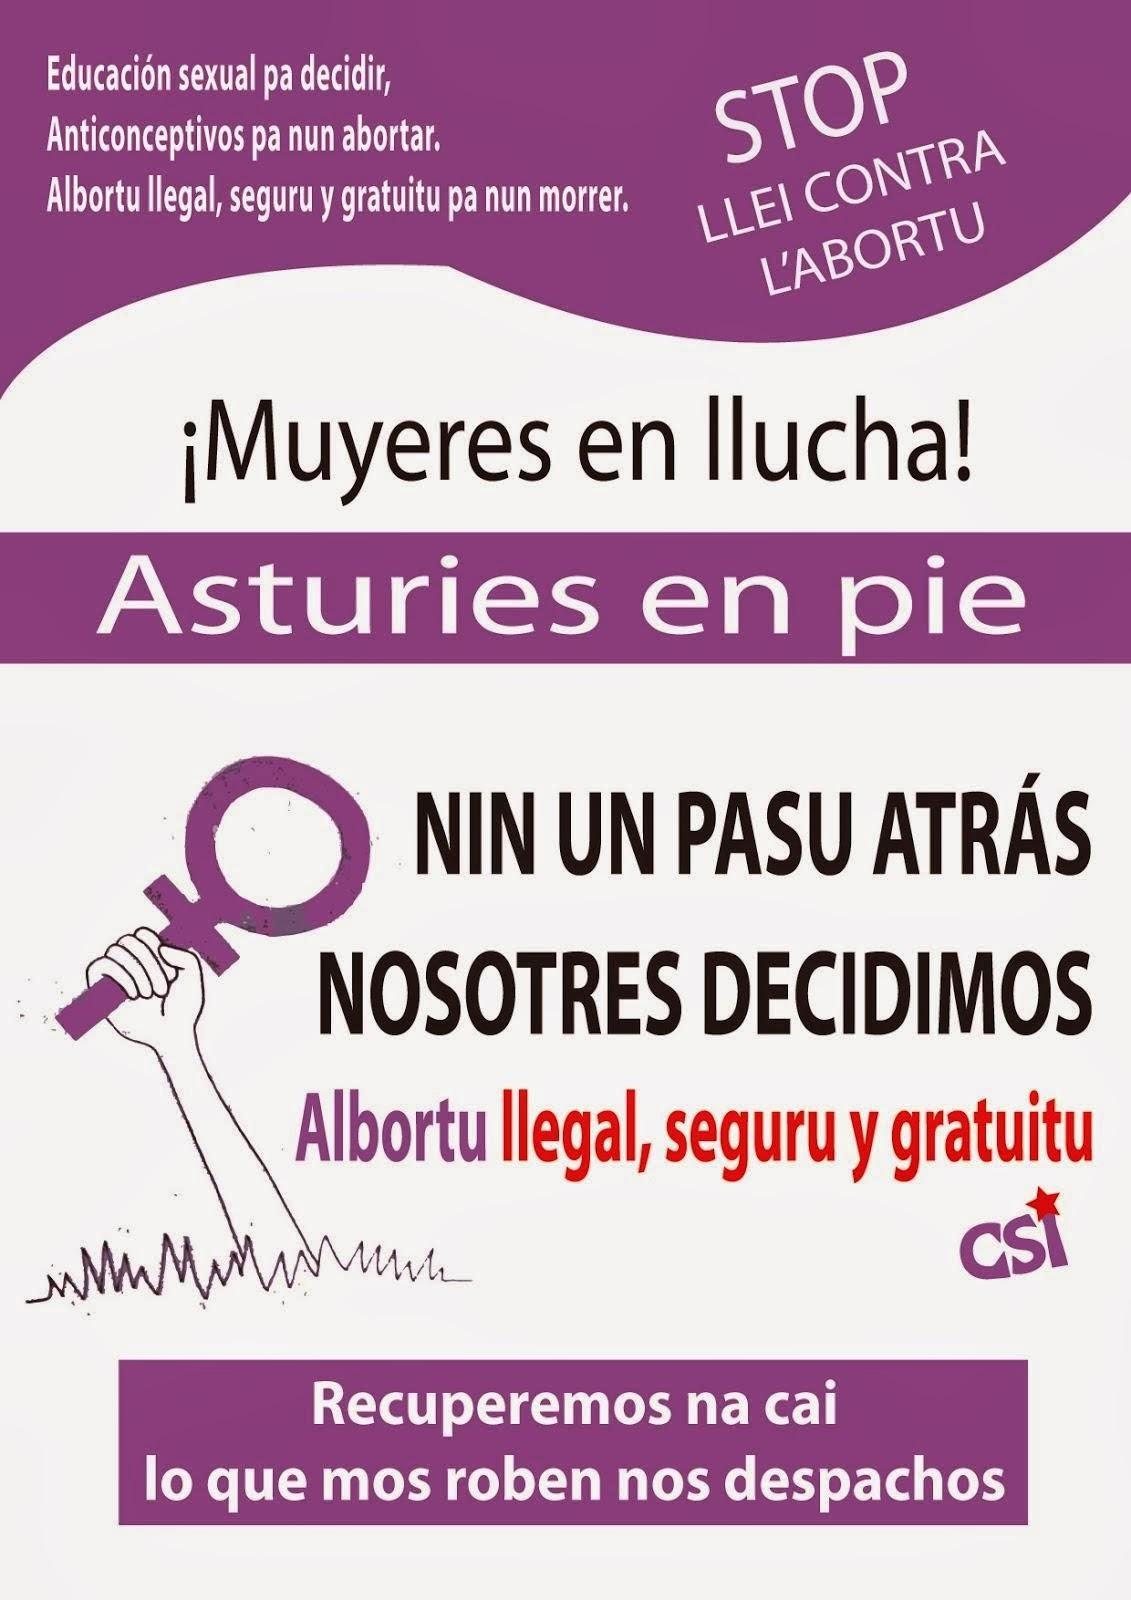 Asturies en pie